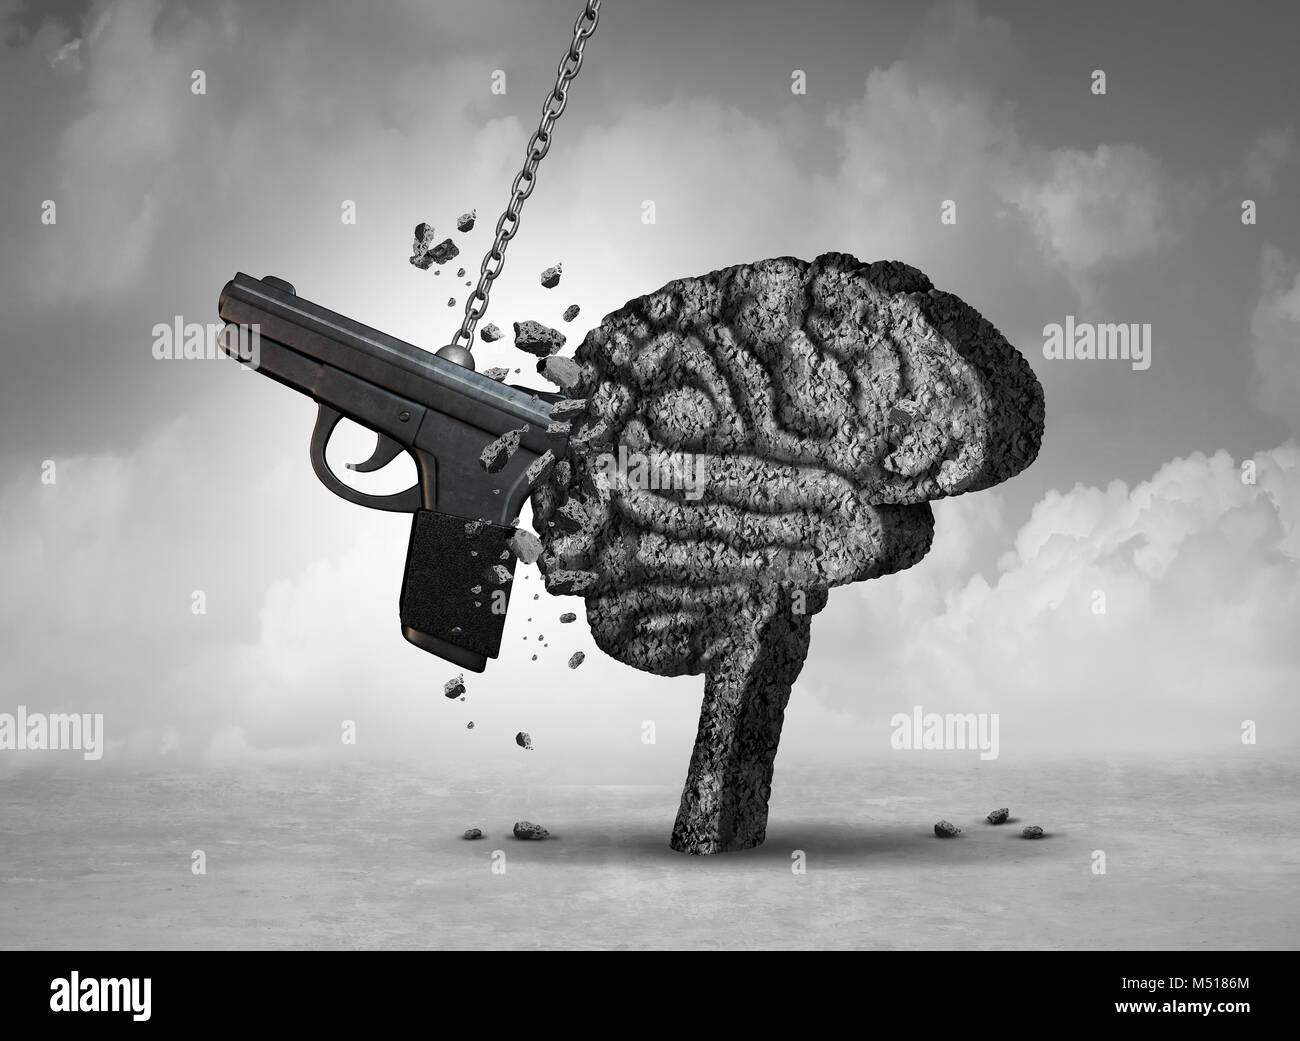 La violence armée et la maladie mentale comme un concept de santé des risques de trouble du cerveau psychiatrique Photo Stock